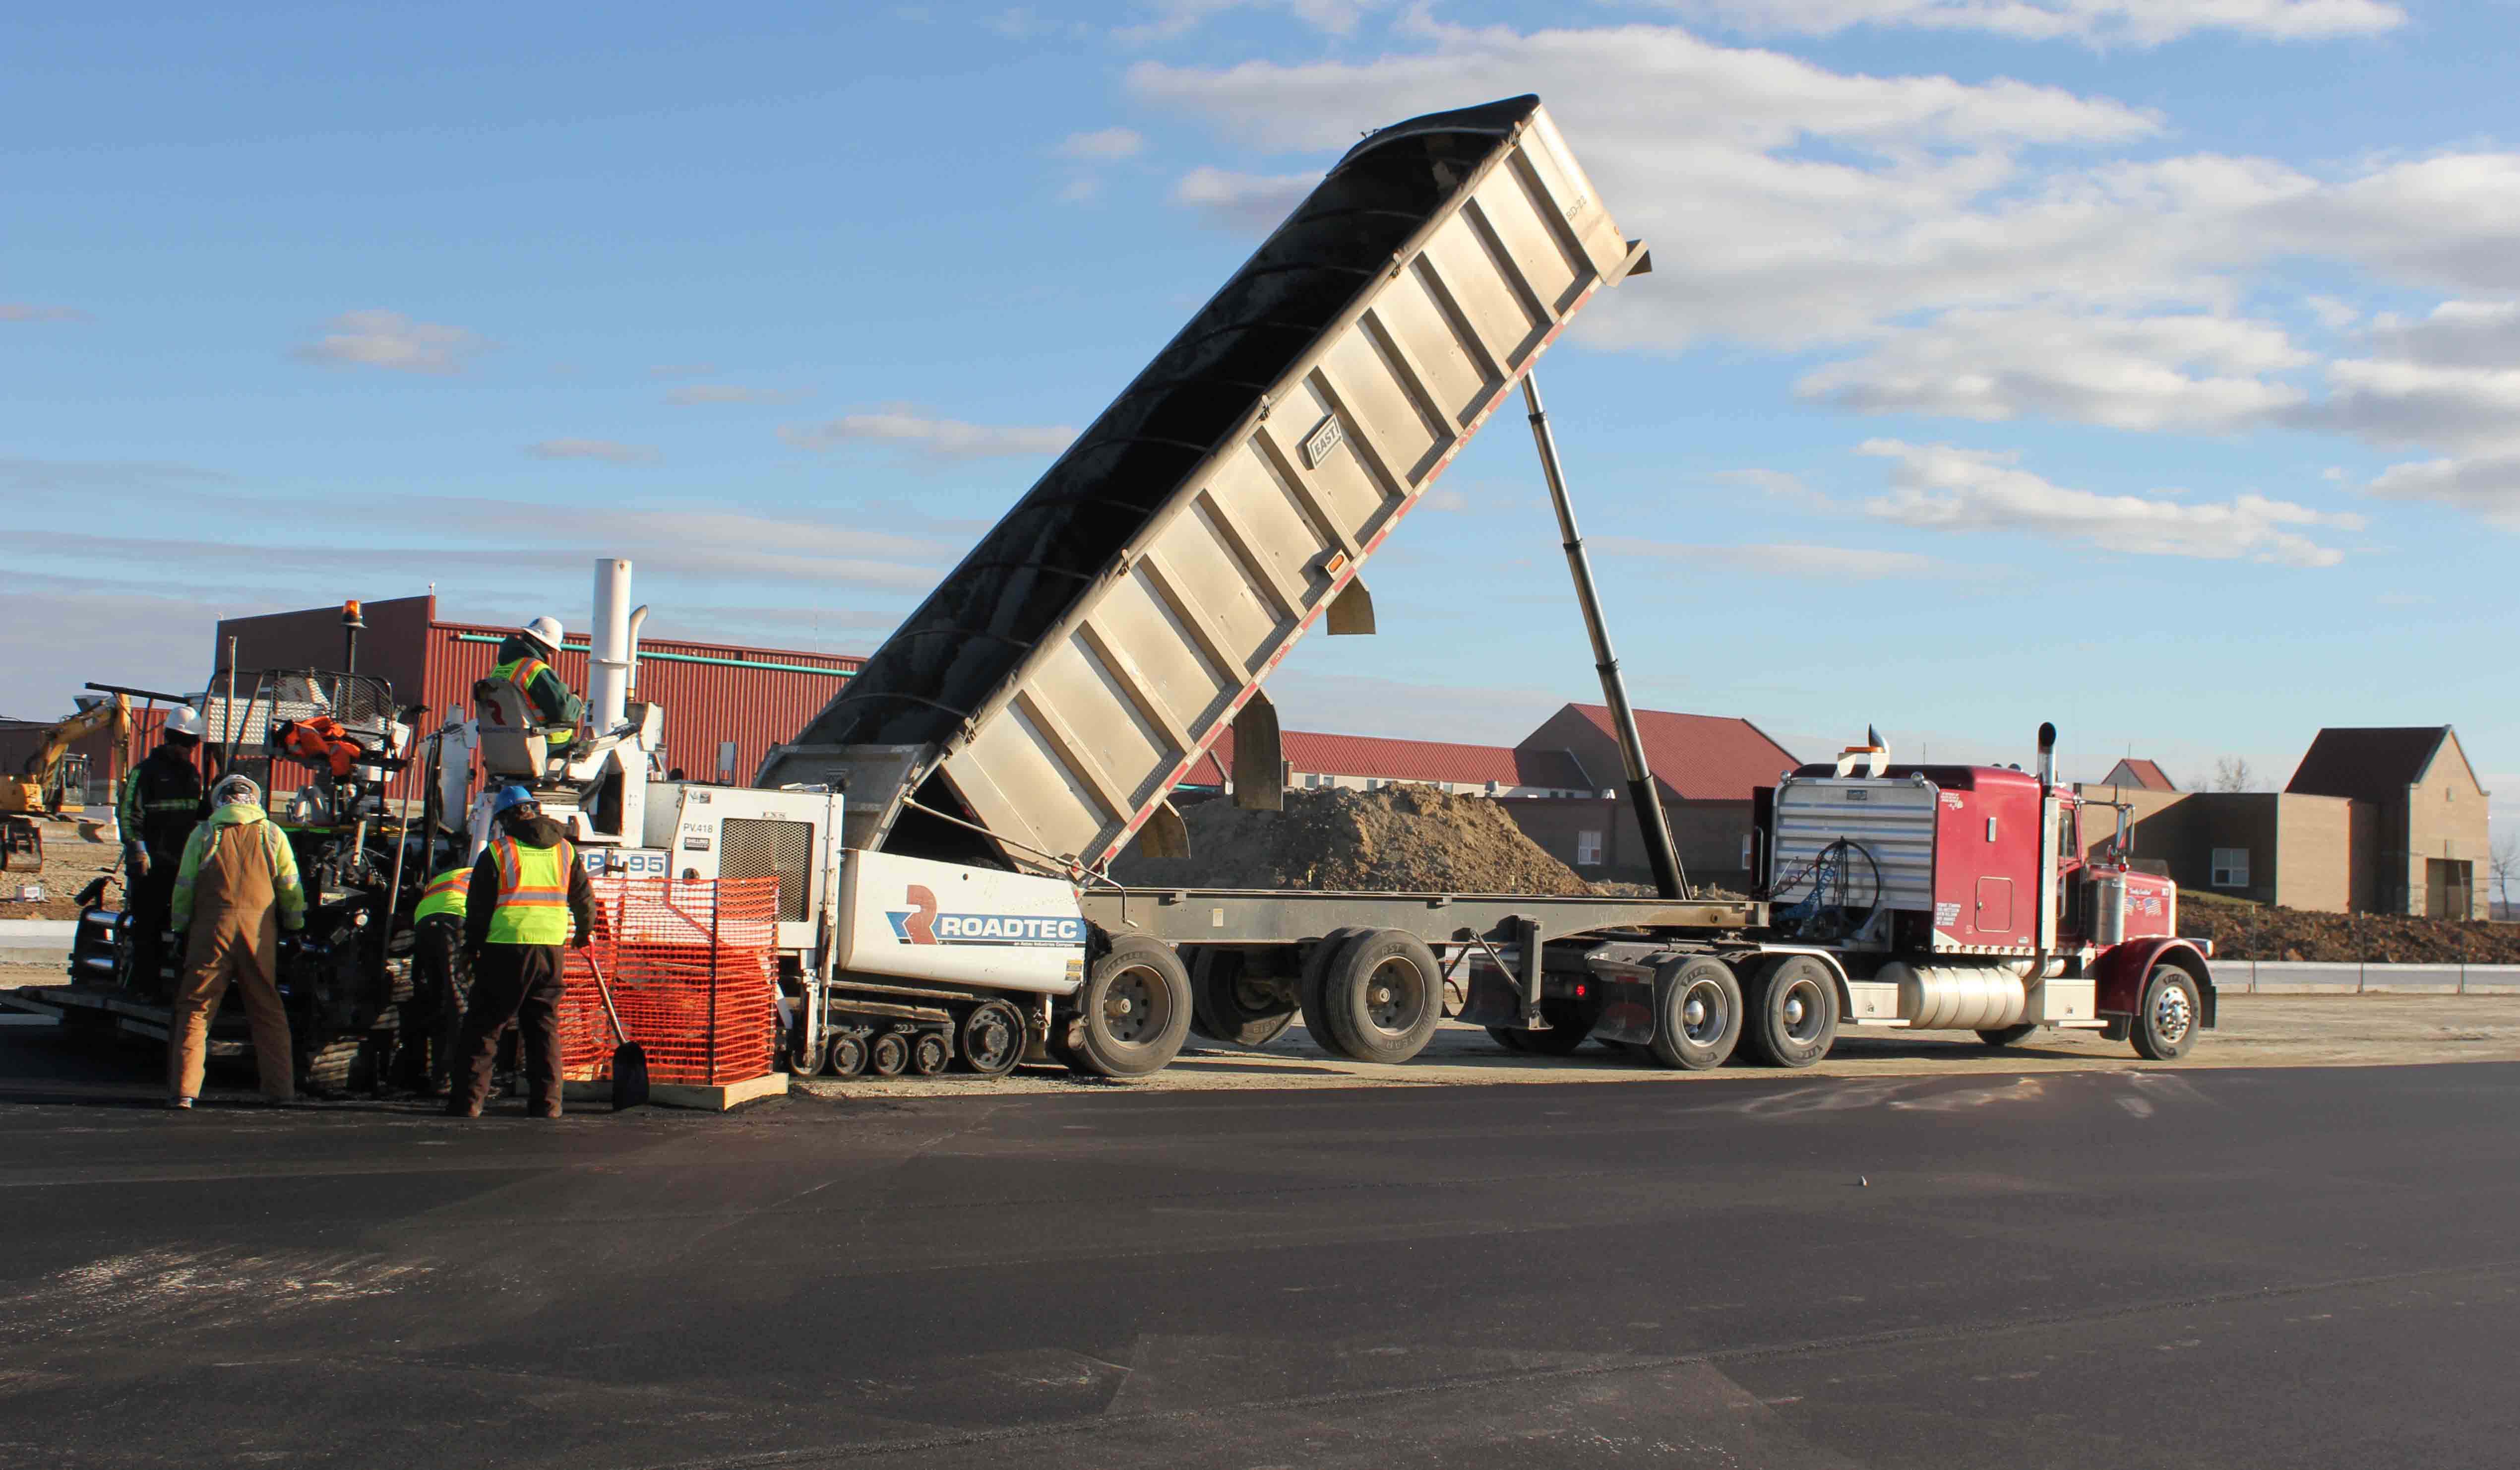 Shilling truck dumping asphalt materials